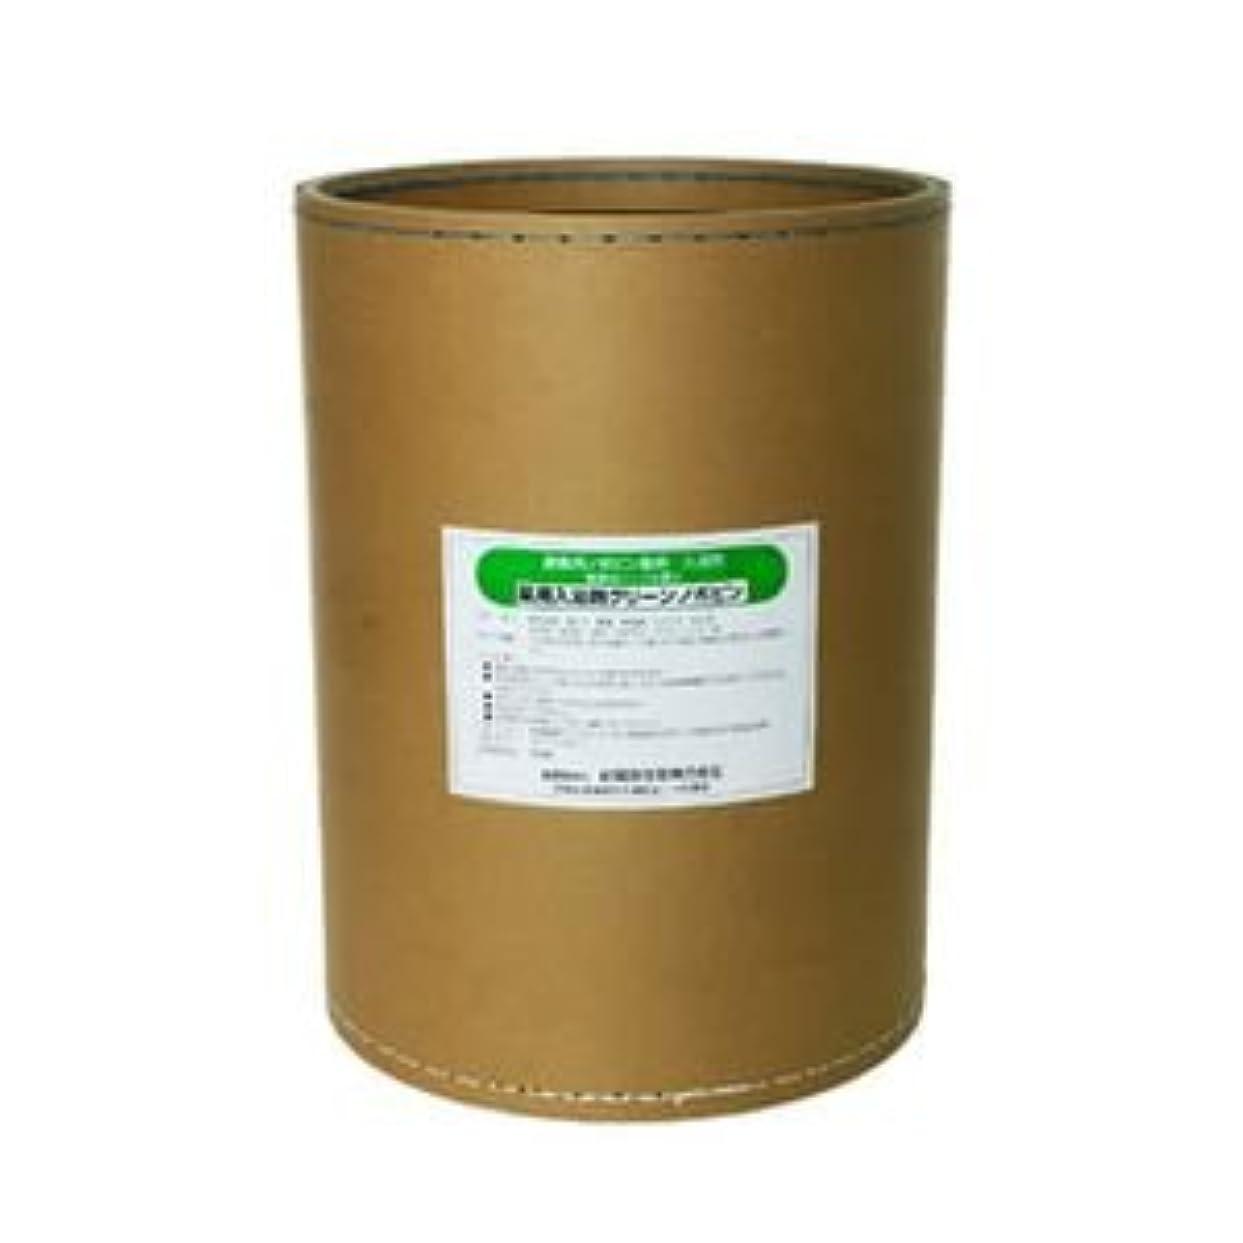 救急車引き出す課税業務用入浴剤 グリーンノボピン 18kg